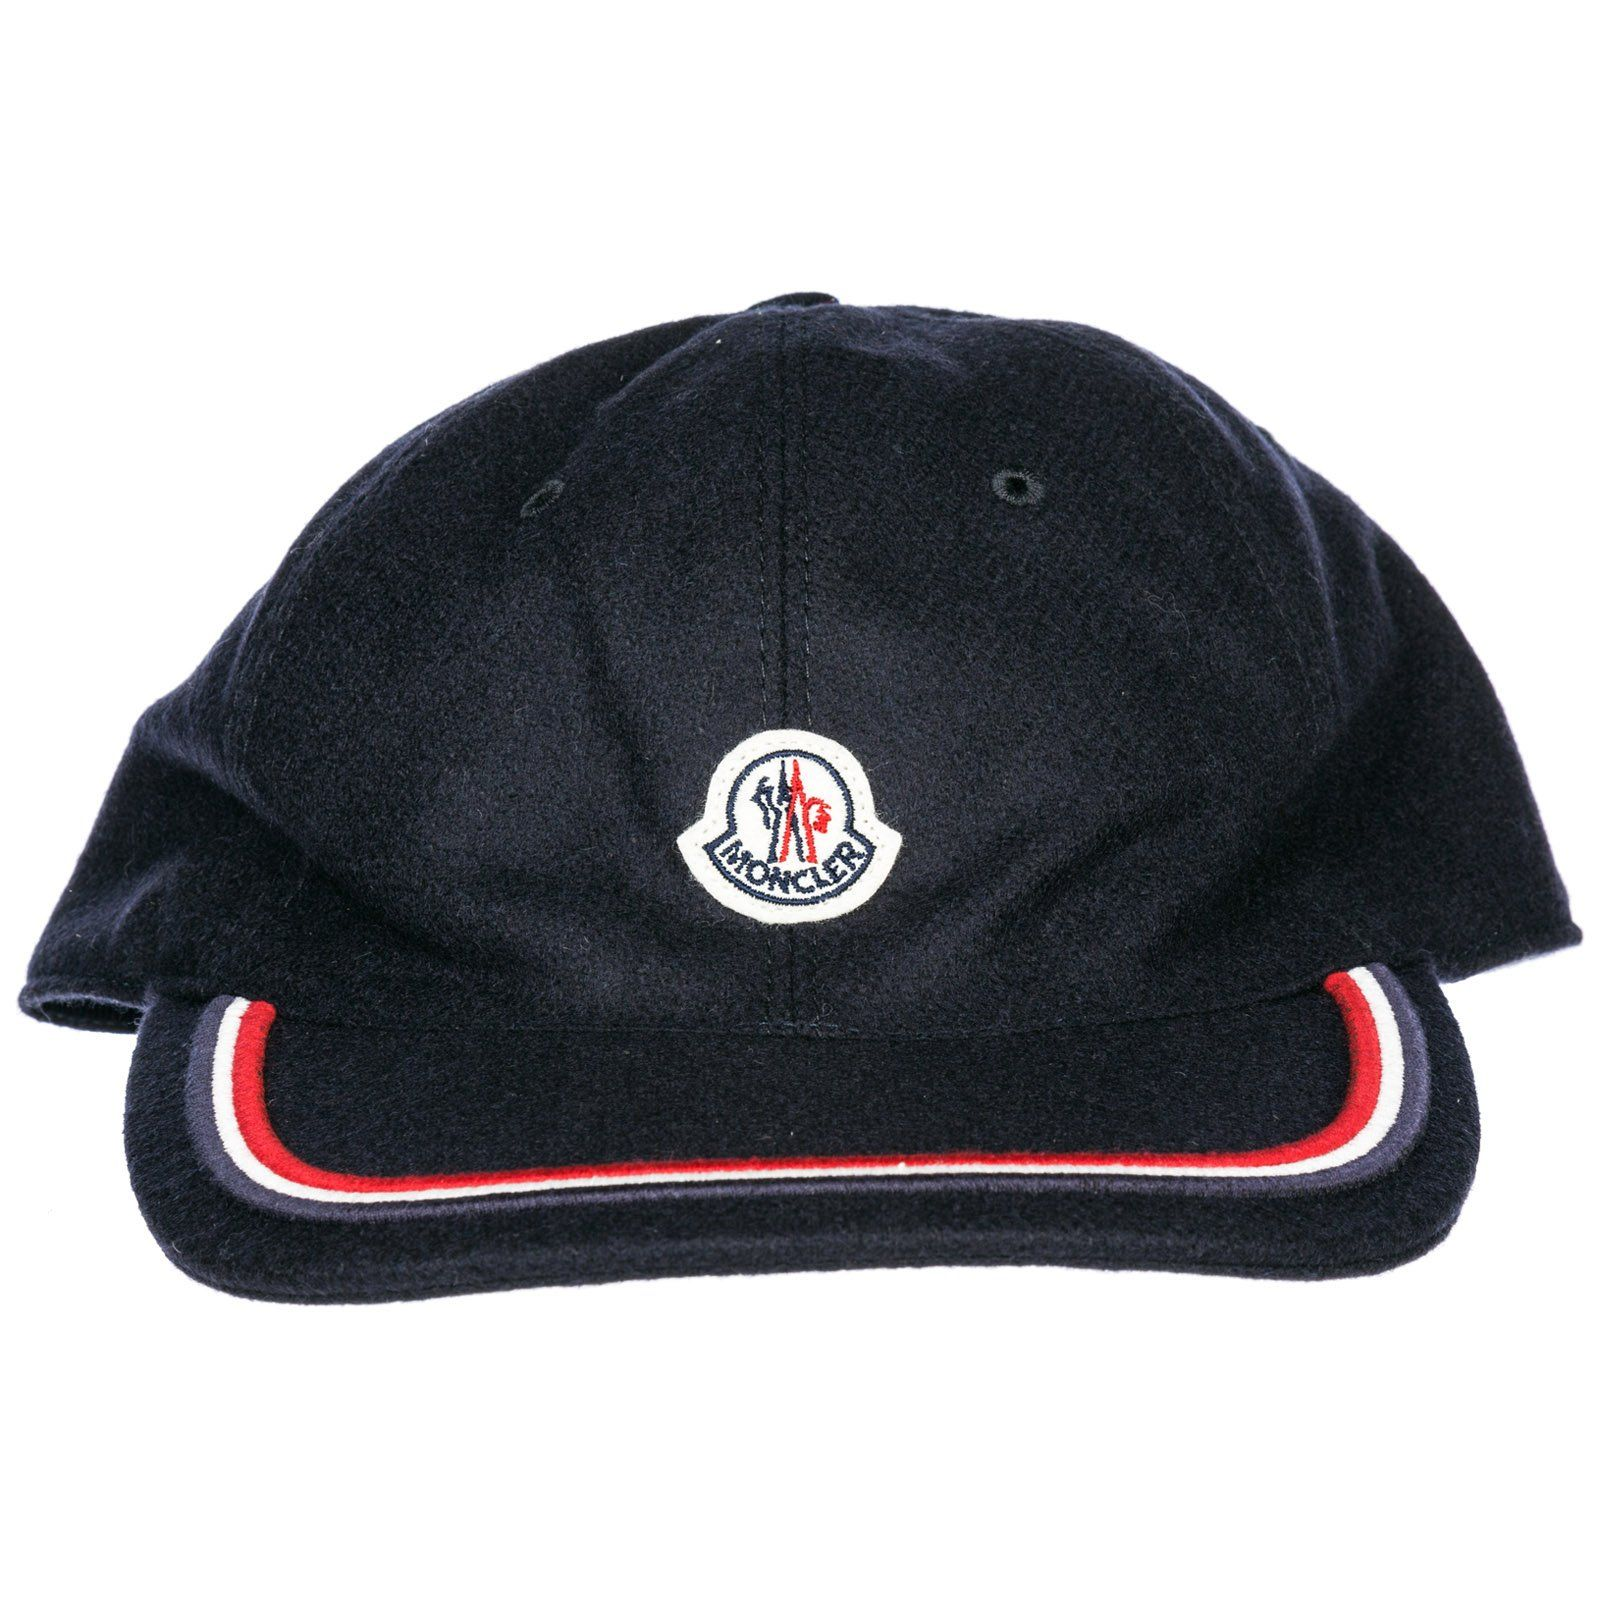 MONCLER MONCLER PATCH BASEBALL CAP.  moncler  00855c774e6